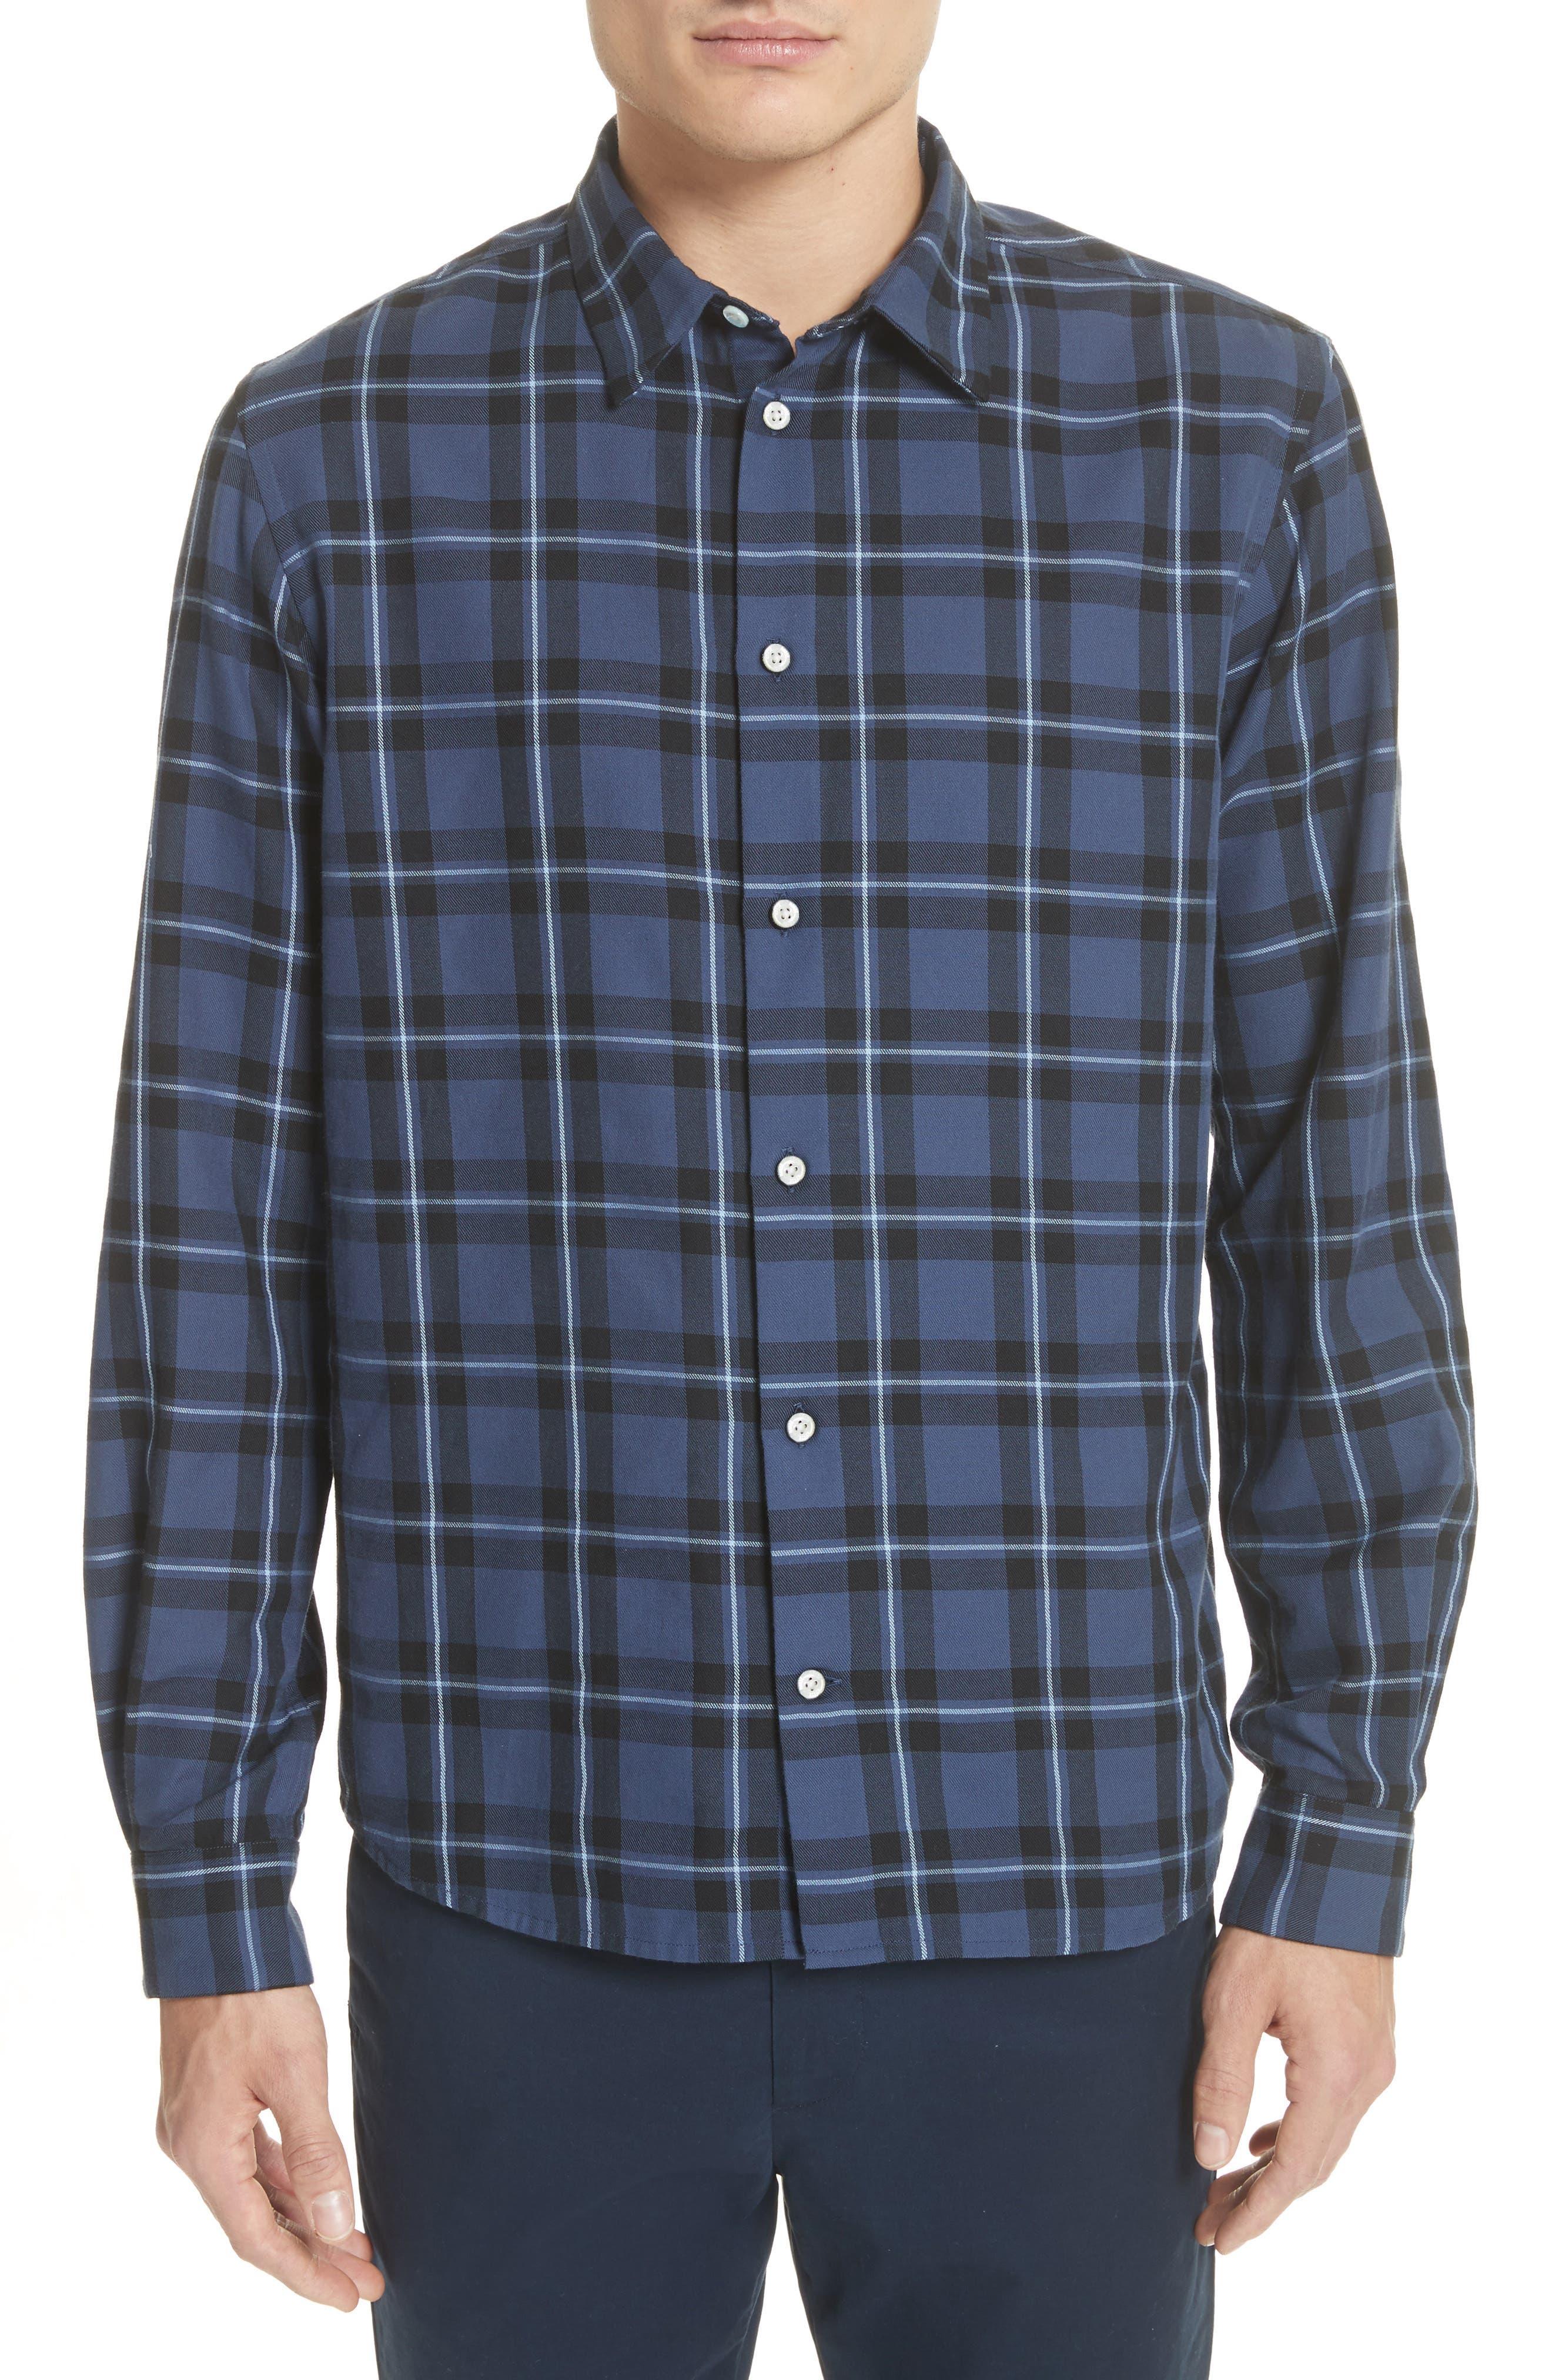 Hans Check Woven Shirt,                         Main,                         color, 410